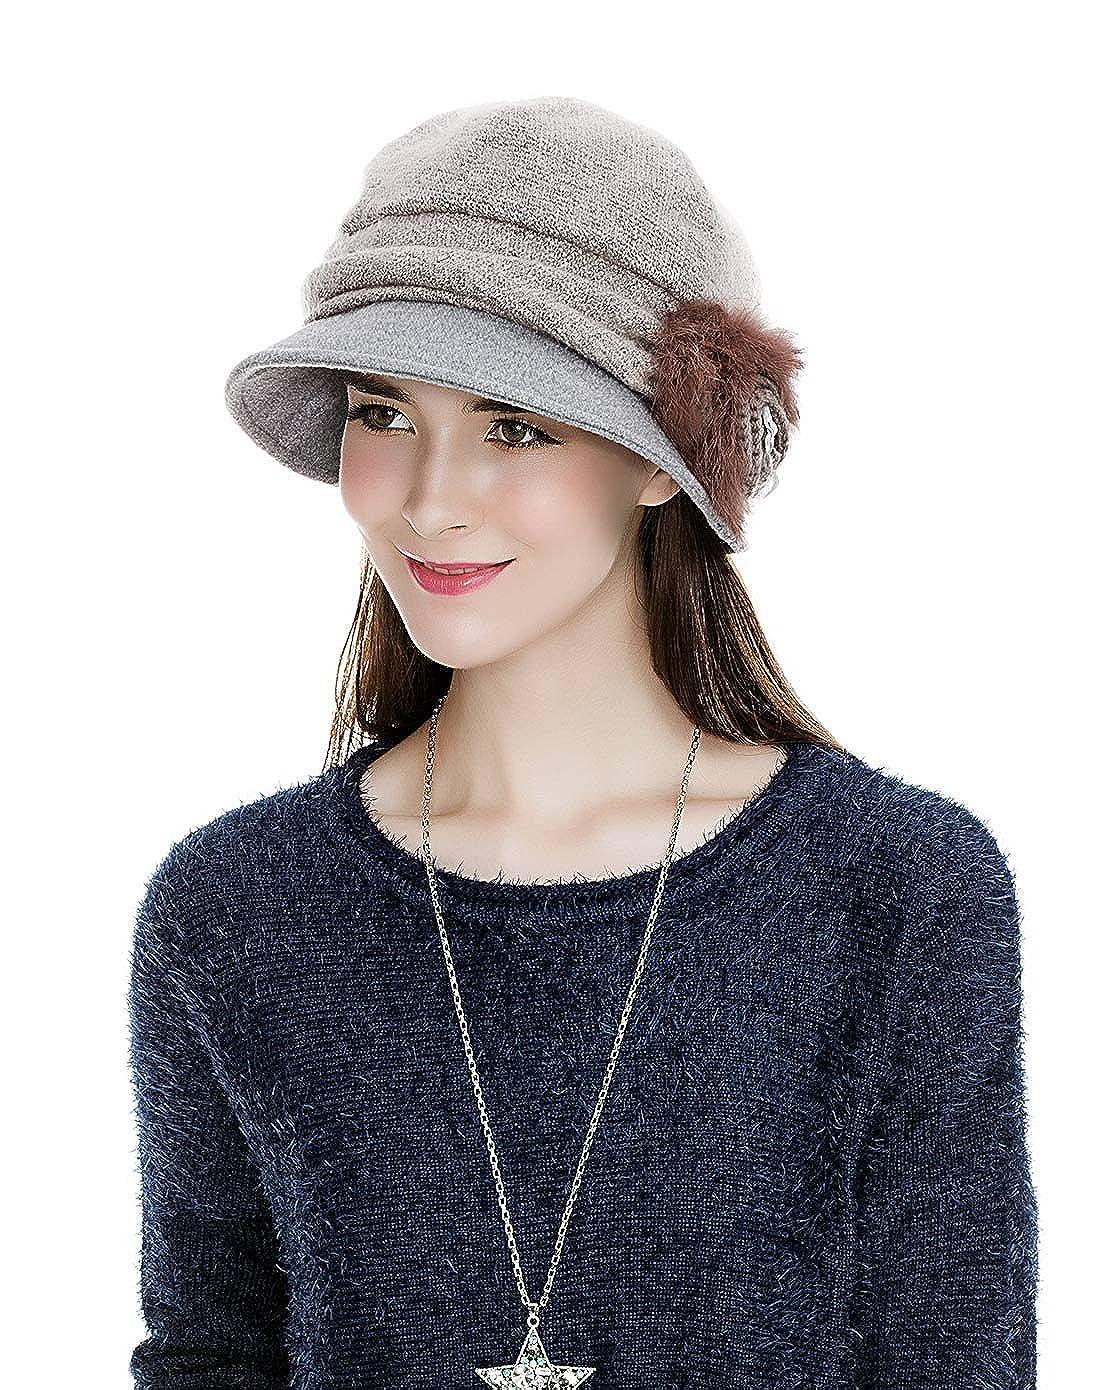 Siggi Cloche Round Hat for Women 1920s Winter Bucket Vintage Hats Flower  Accent f0dc438df205